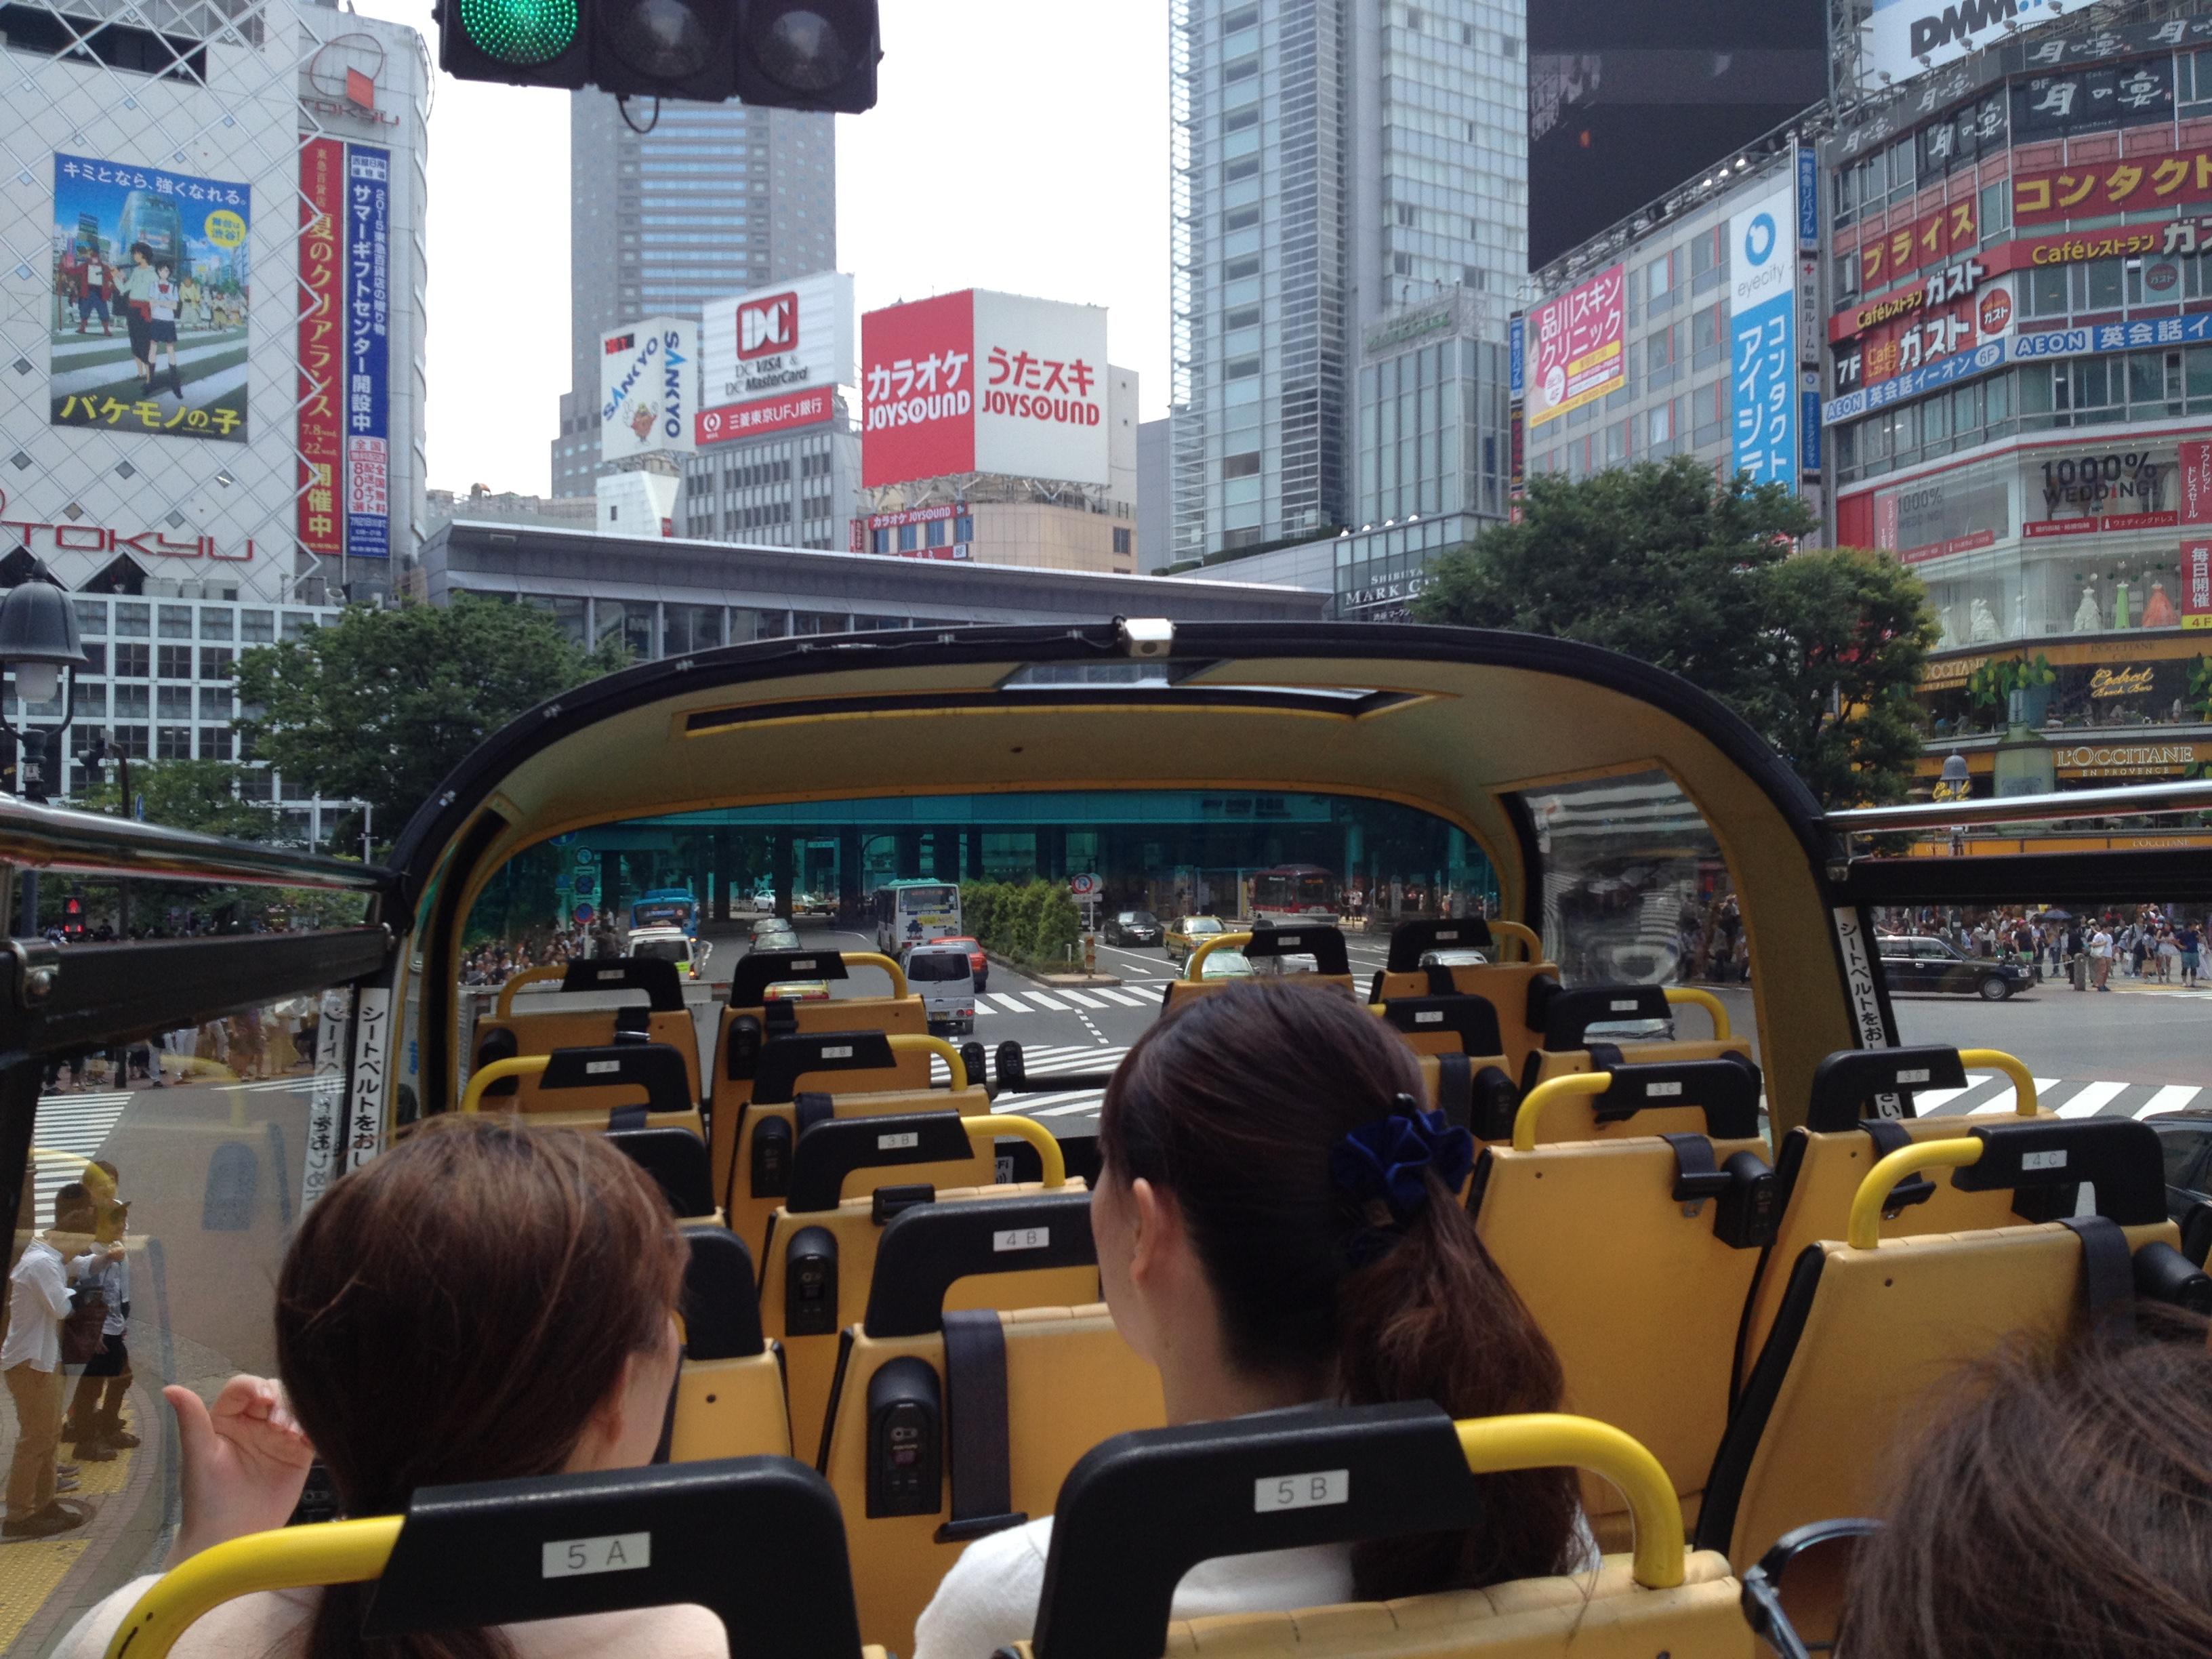 スカイバスで渋谷を走行中